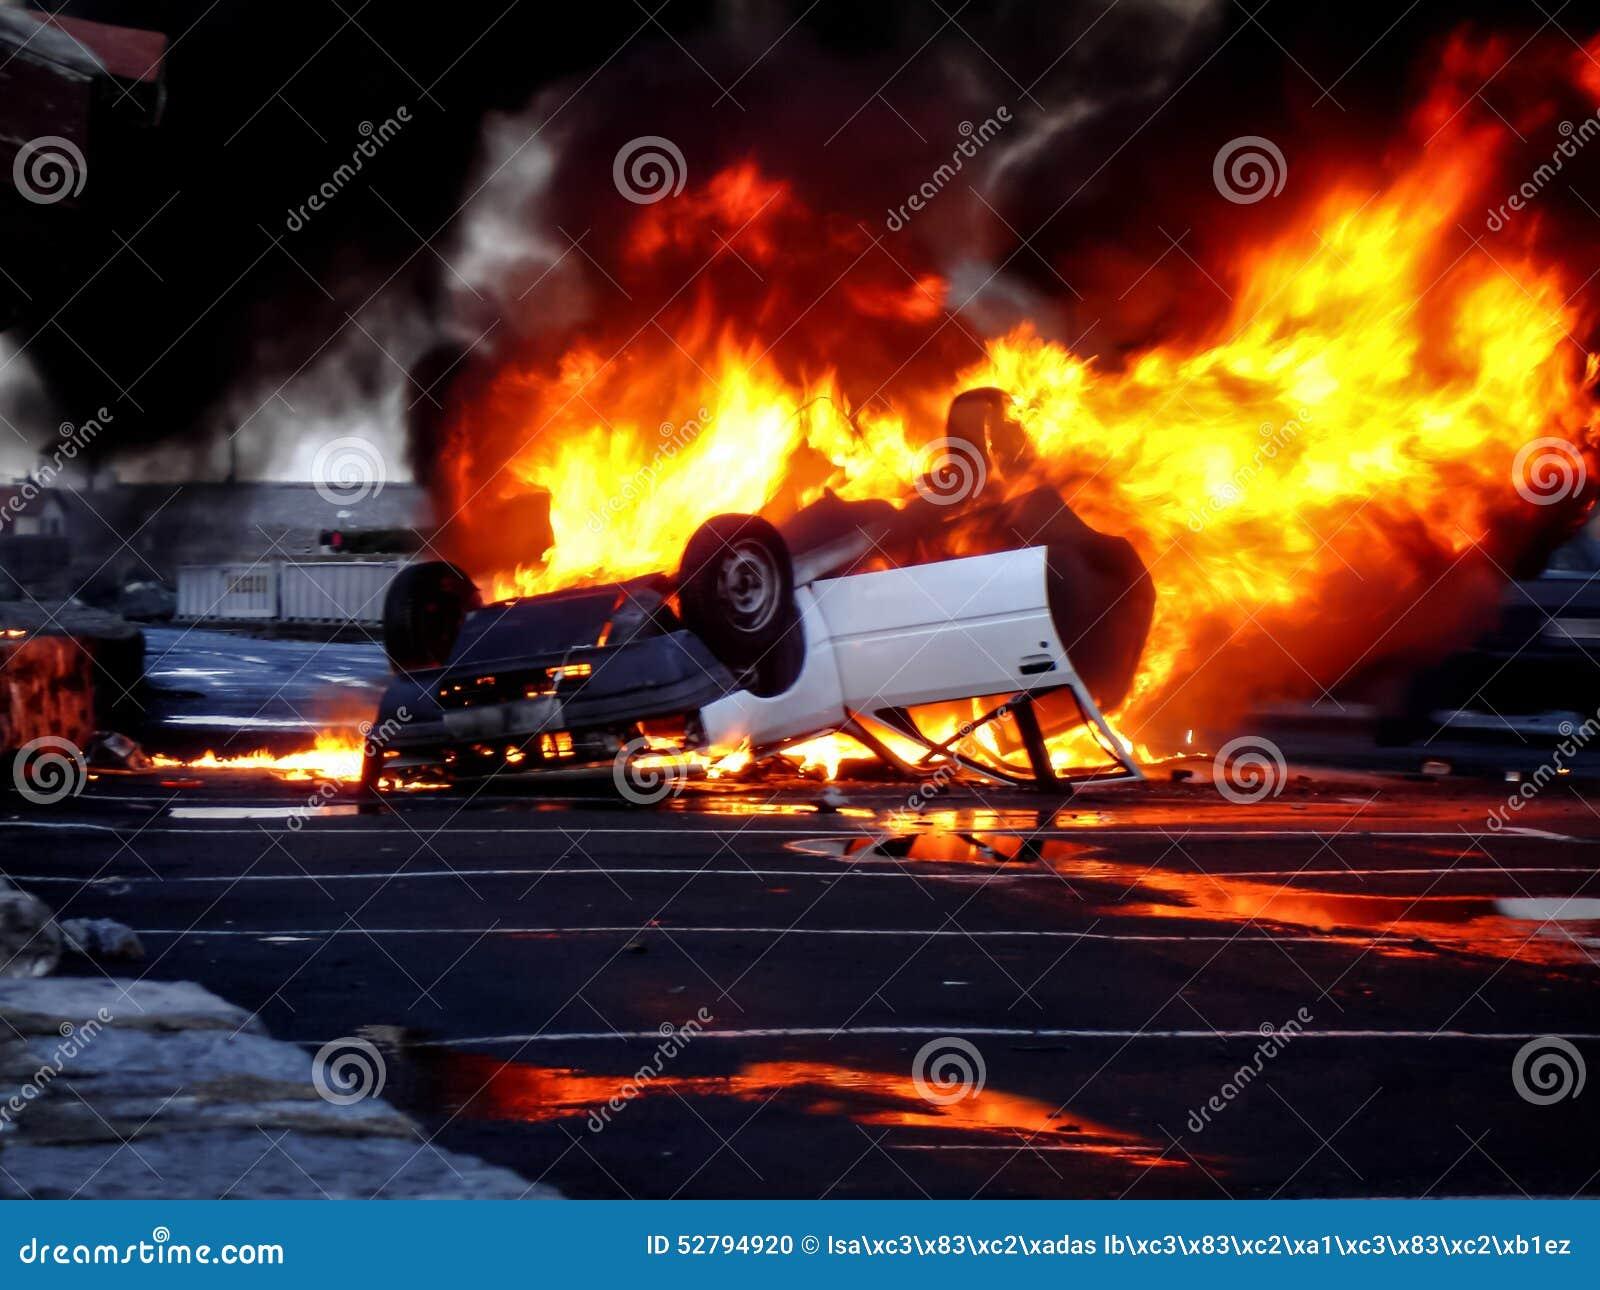 Pojazd obalający w płomieniach